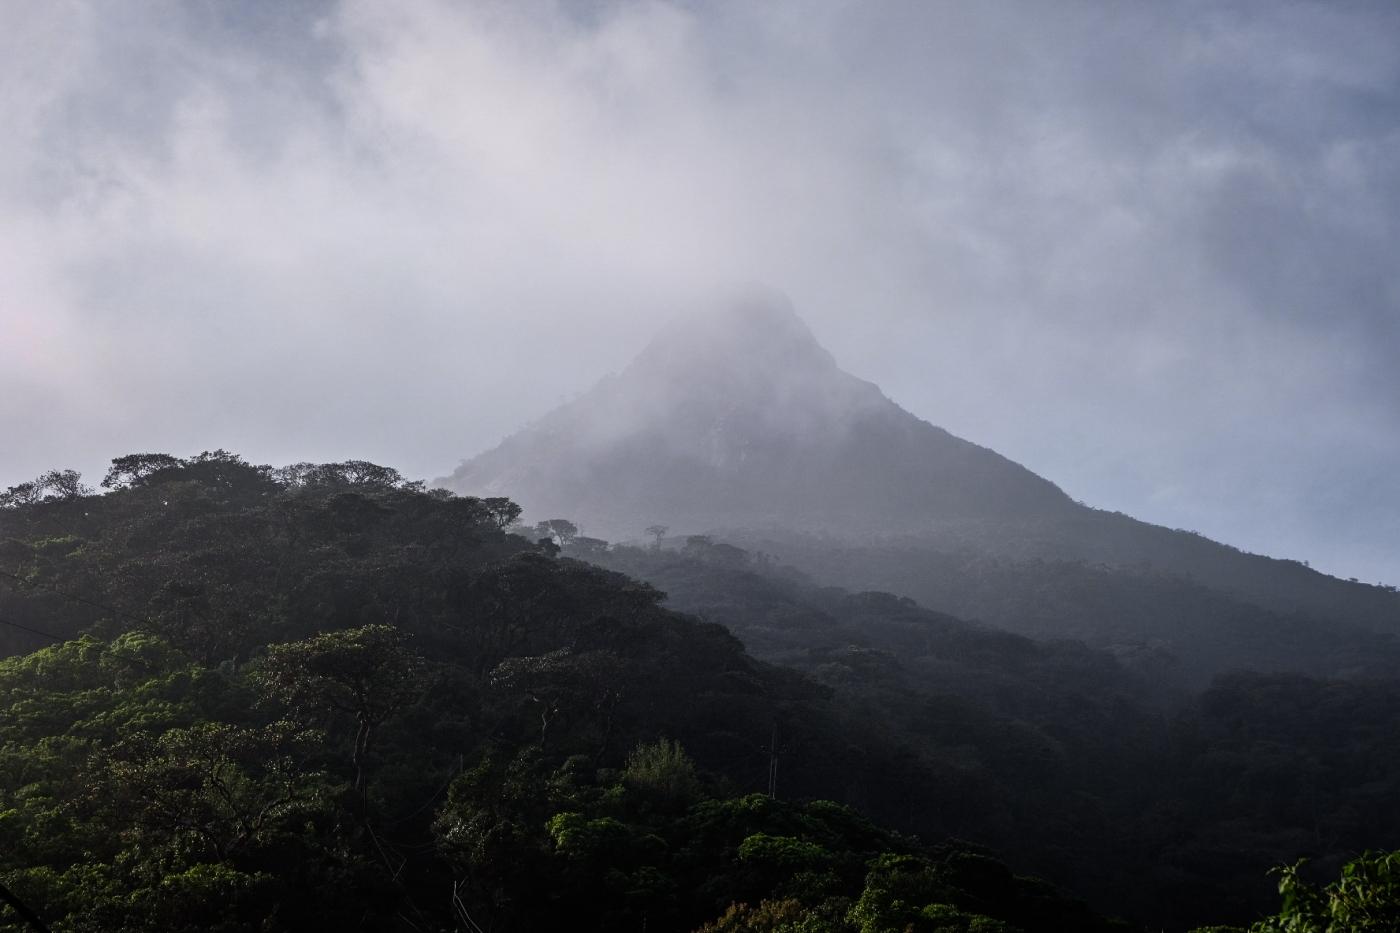 Climbing Adam's Peak for sunrise